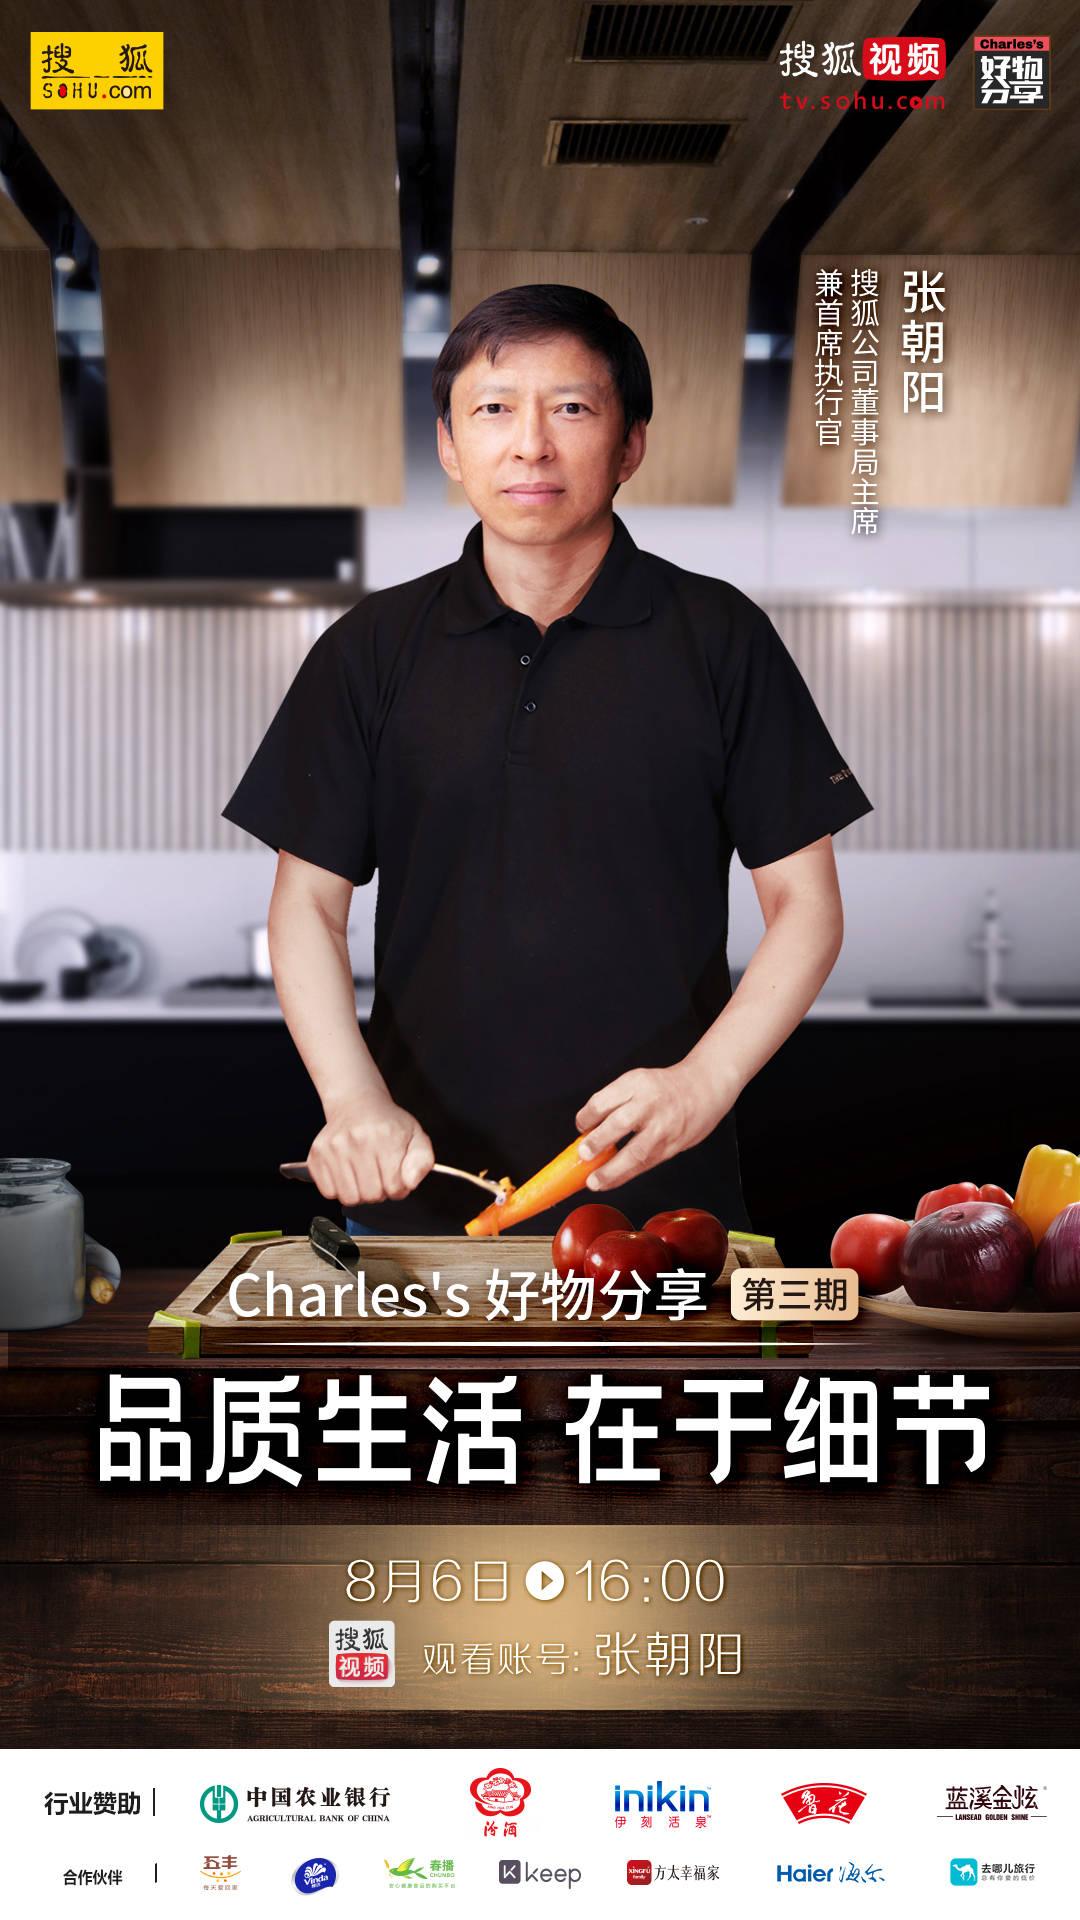 """8月6日""""Charles的好物分享""""第三期直播  张朝阳将""""做饭直播""""带货厨房好物"""